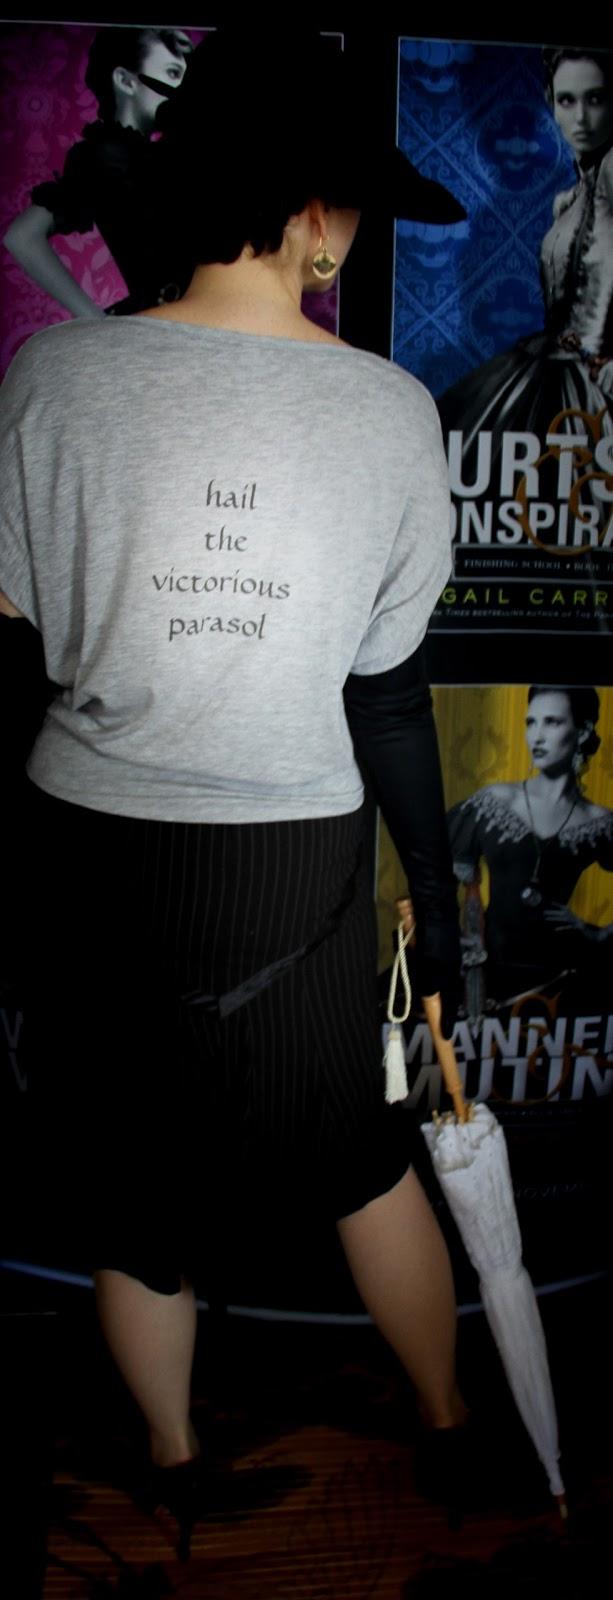 Zazzle t shirt design size - Zazzle T Shirt Design Size 29